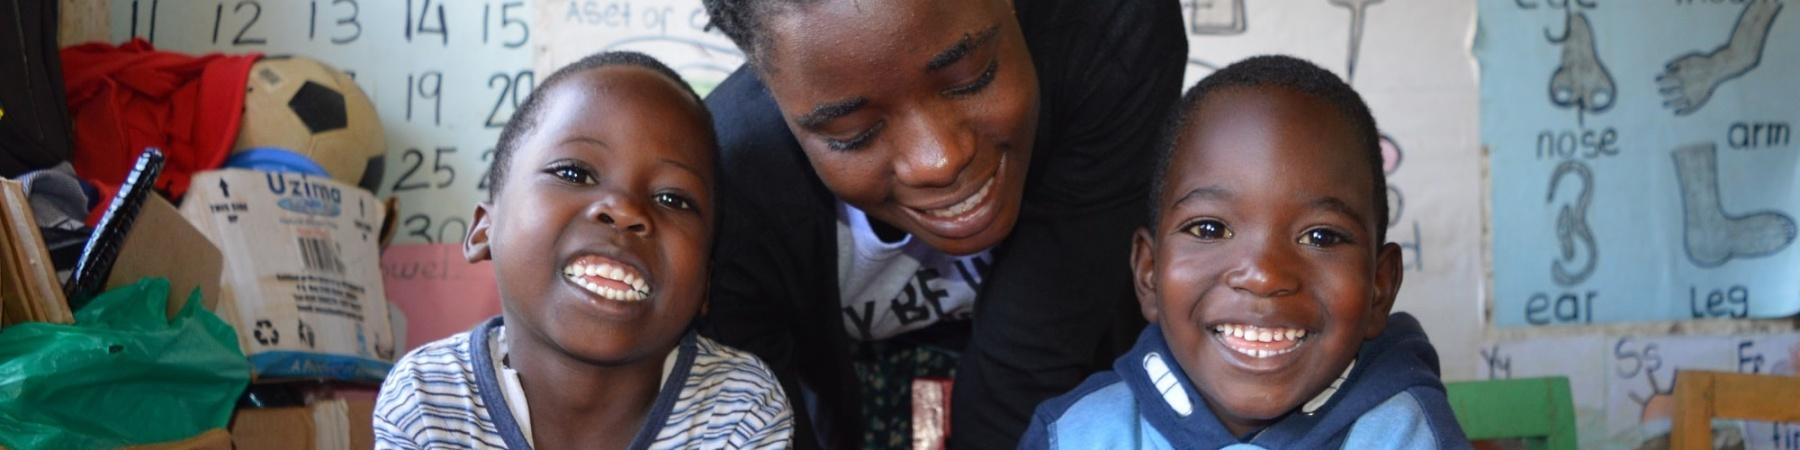 2 bimbi neri con la maestra studiano sorridenti seduti al banco di scuola